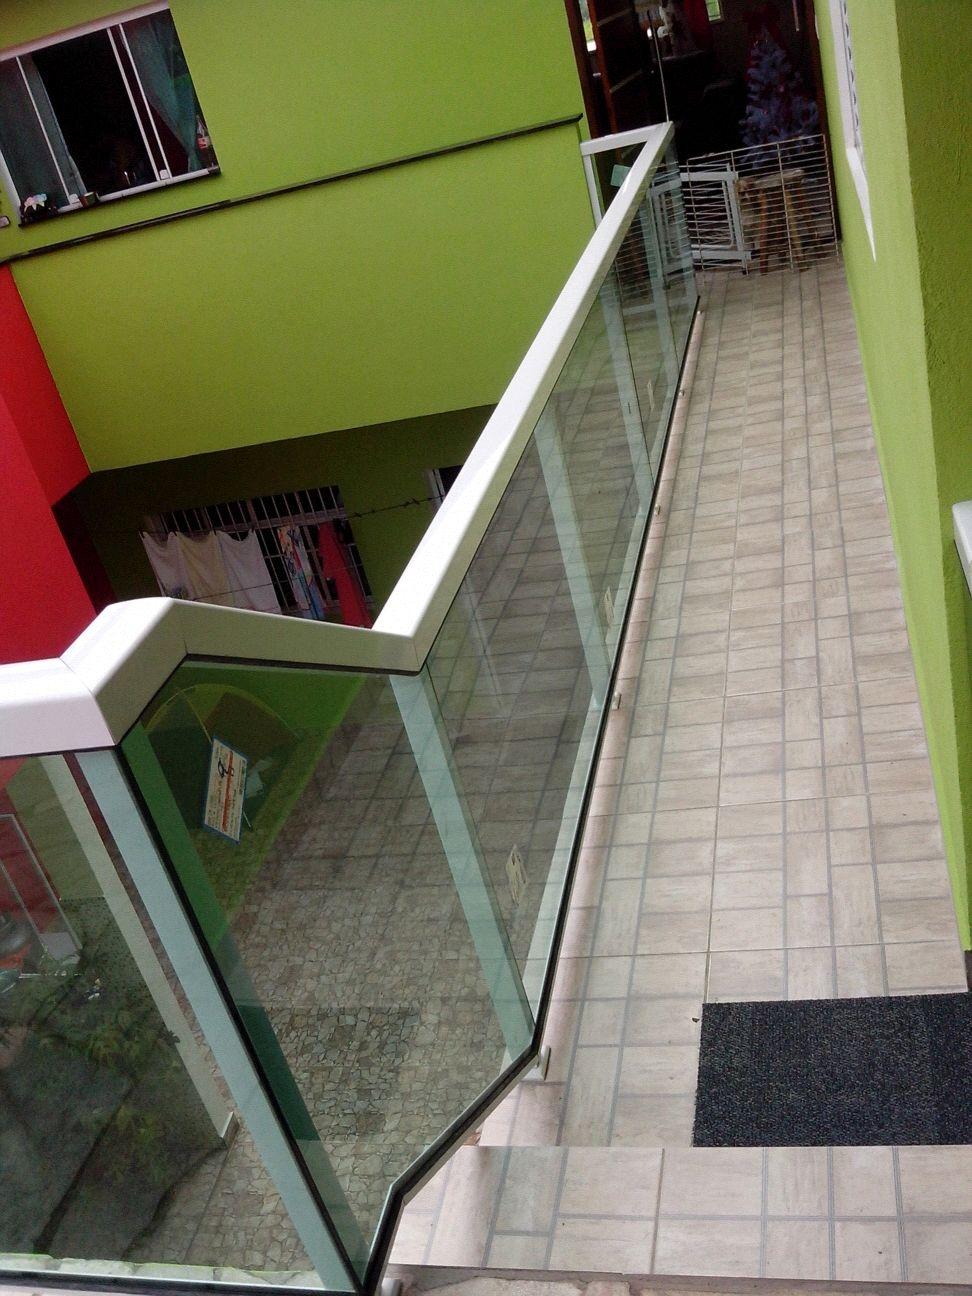 Sites Serviços de Vidraçaria no Mandaqui - Vidraçaria na Zona Norte